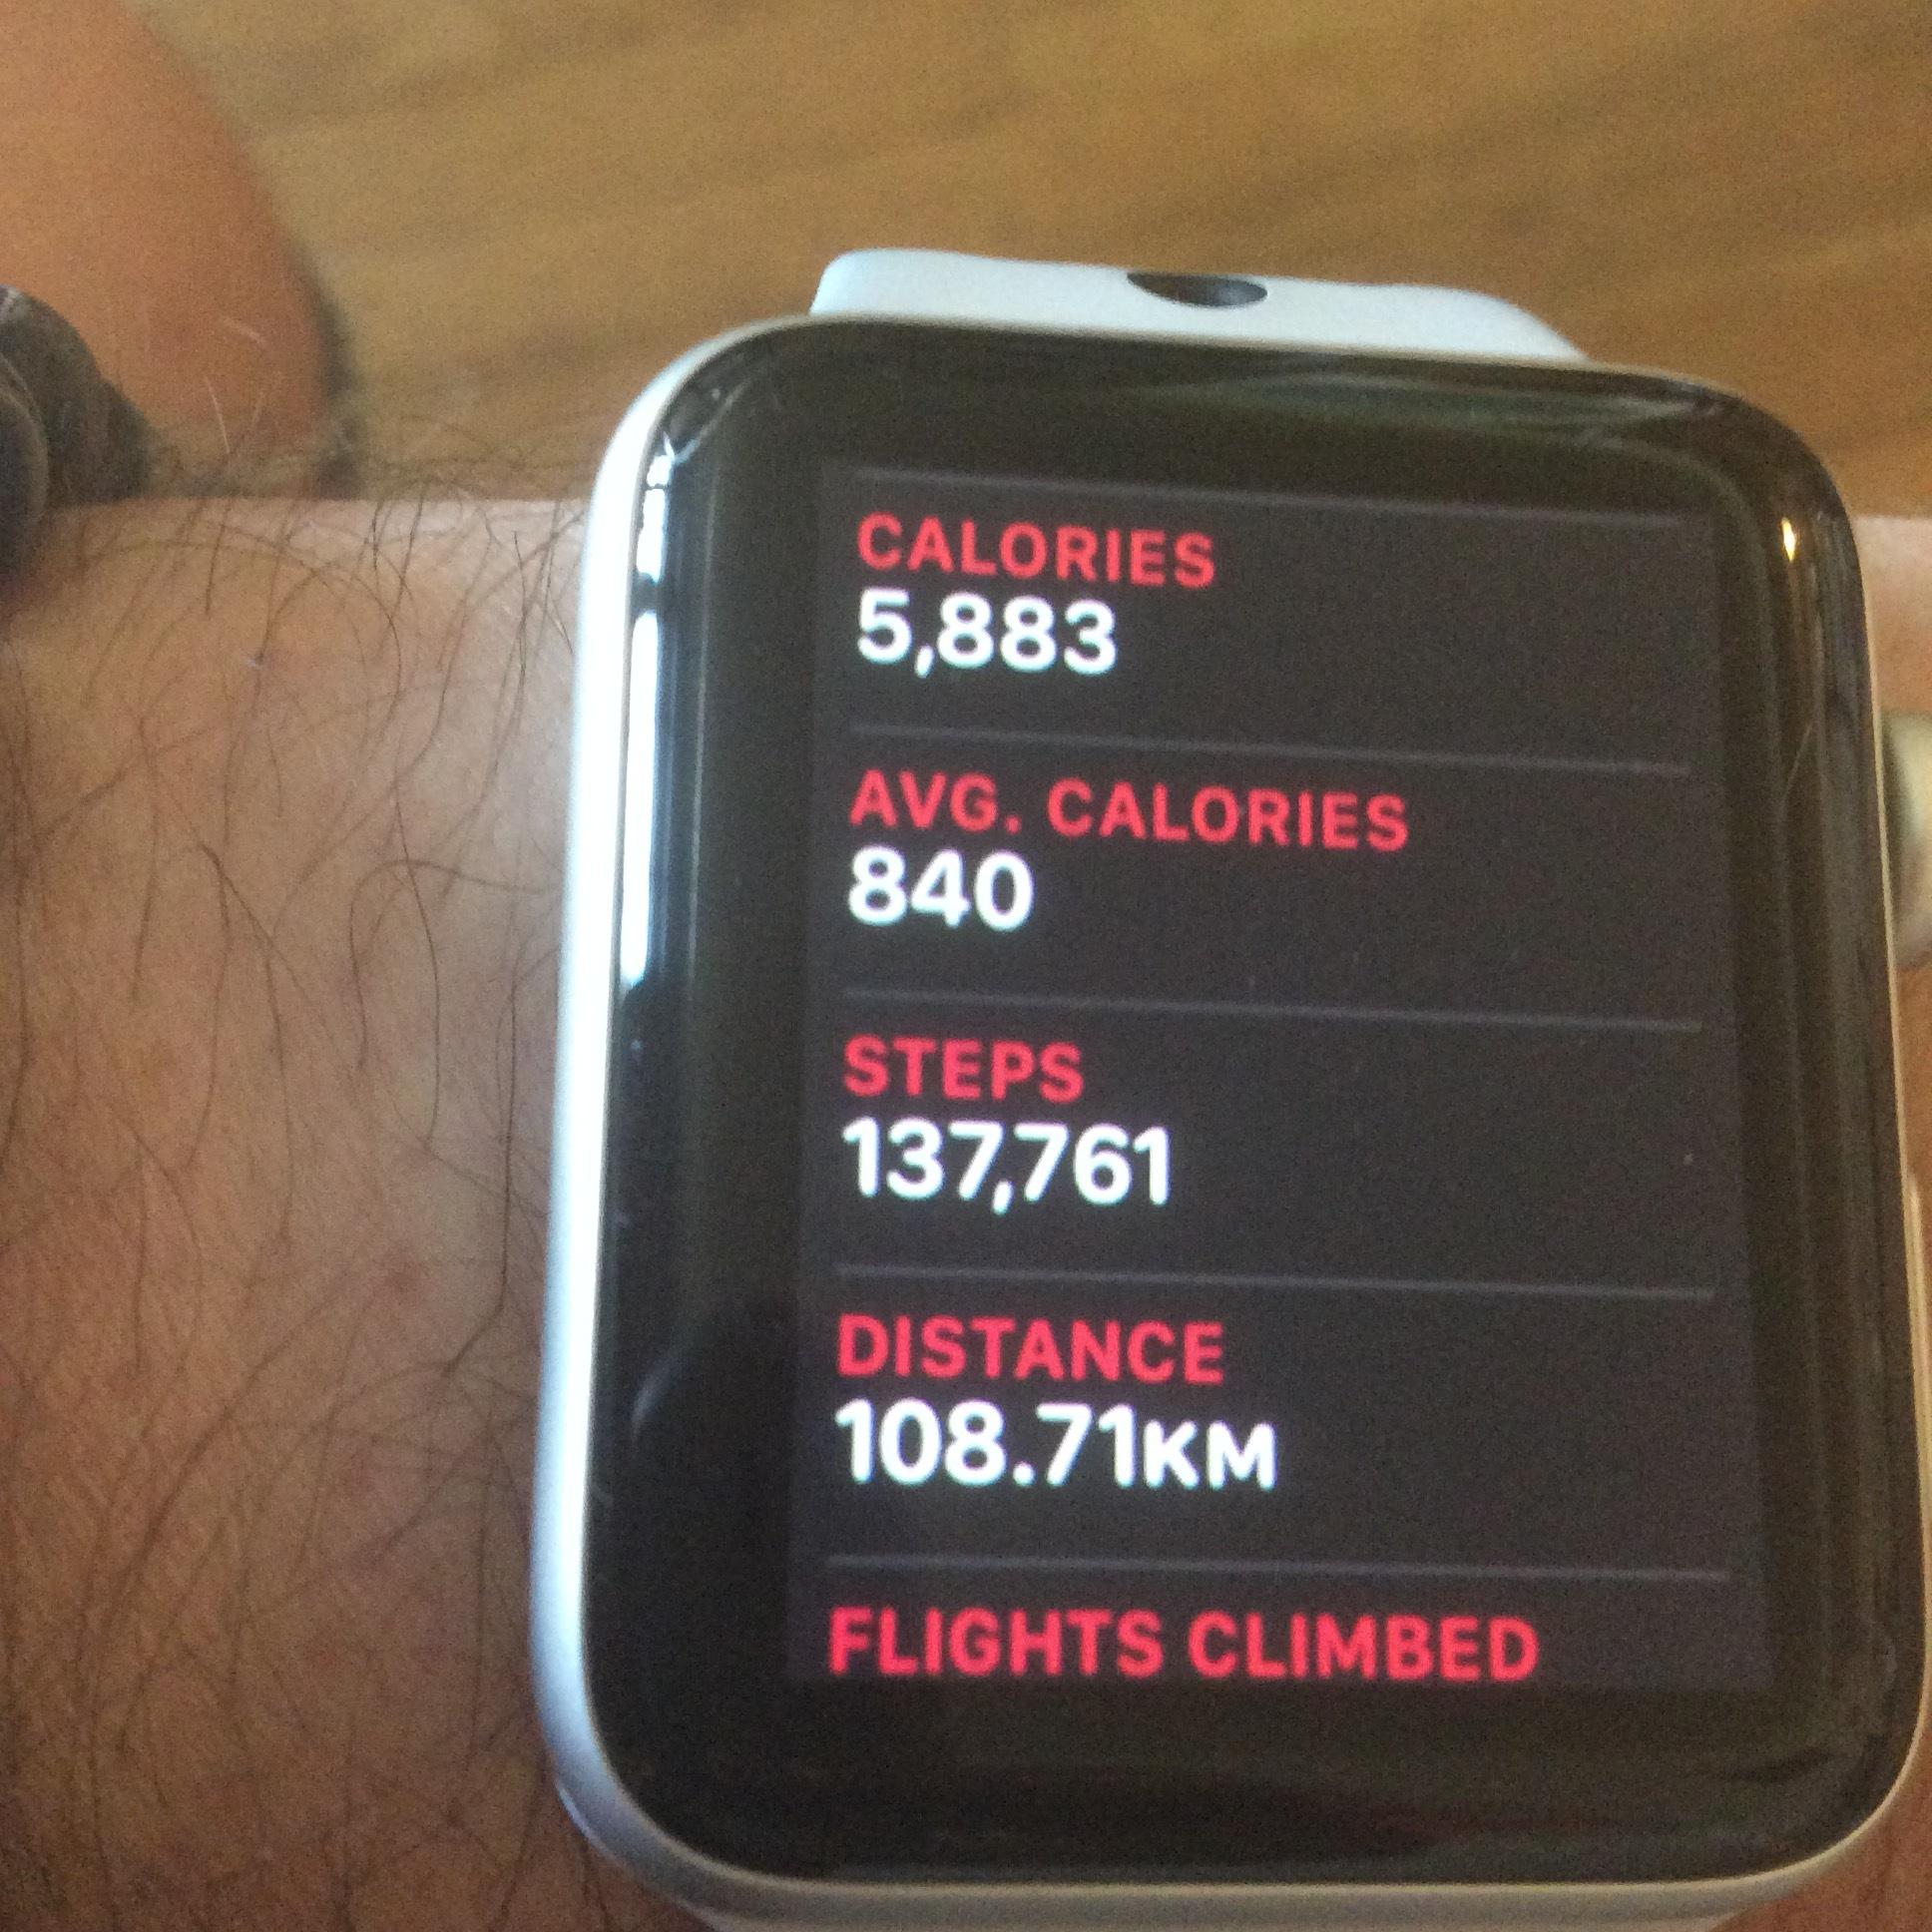 Apple Watch Activity Report